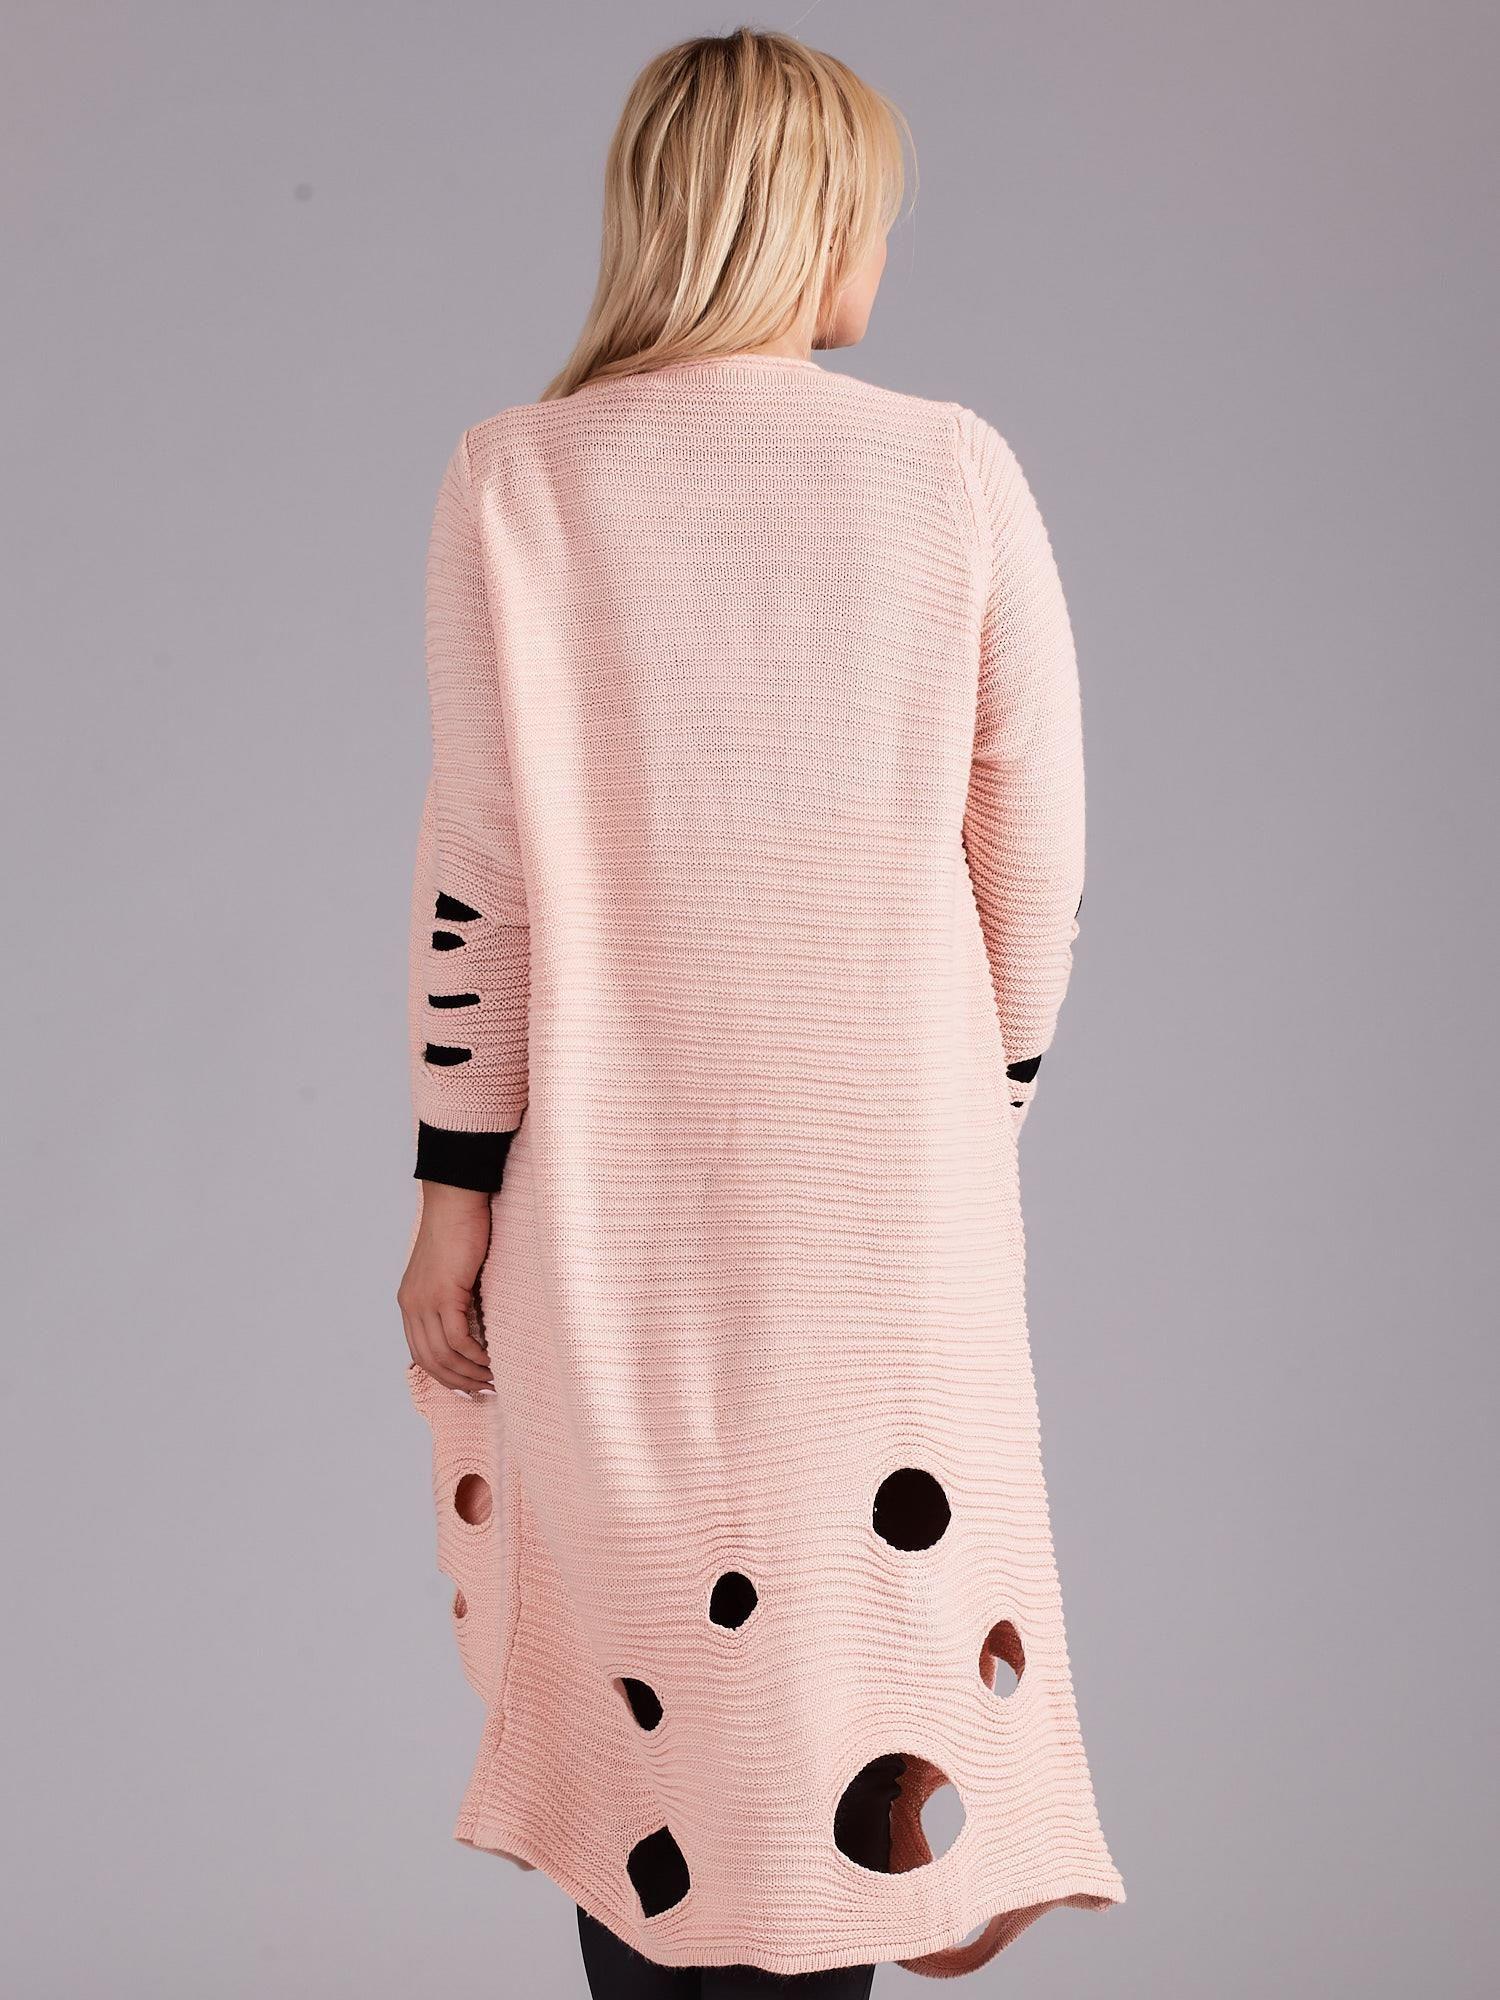 2ba4ab90e71c6d Jasnoróżowy długi sweter z dziurami PLUS SIZE - Sweter plus size - sklep  eButik.pl